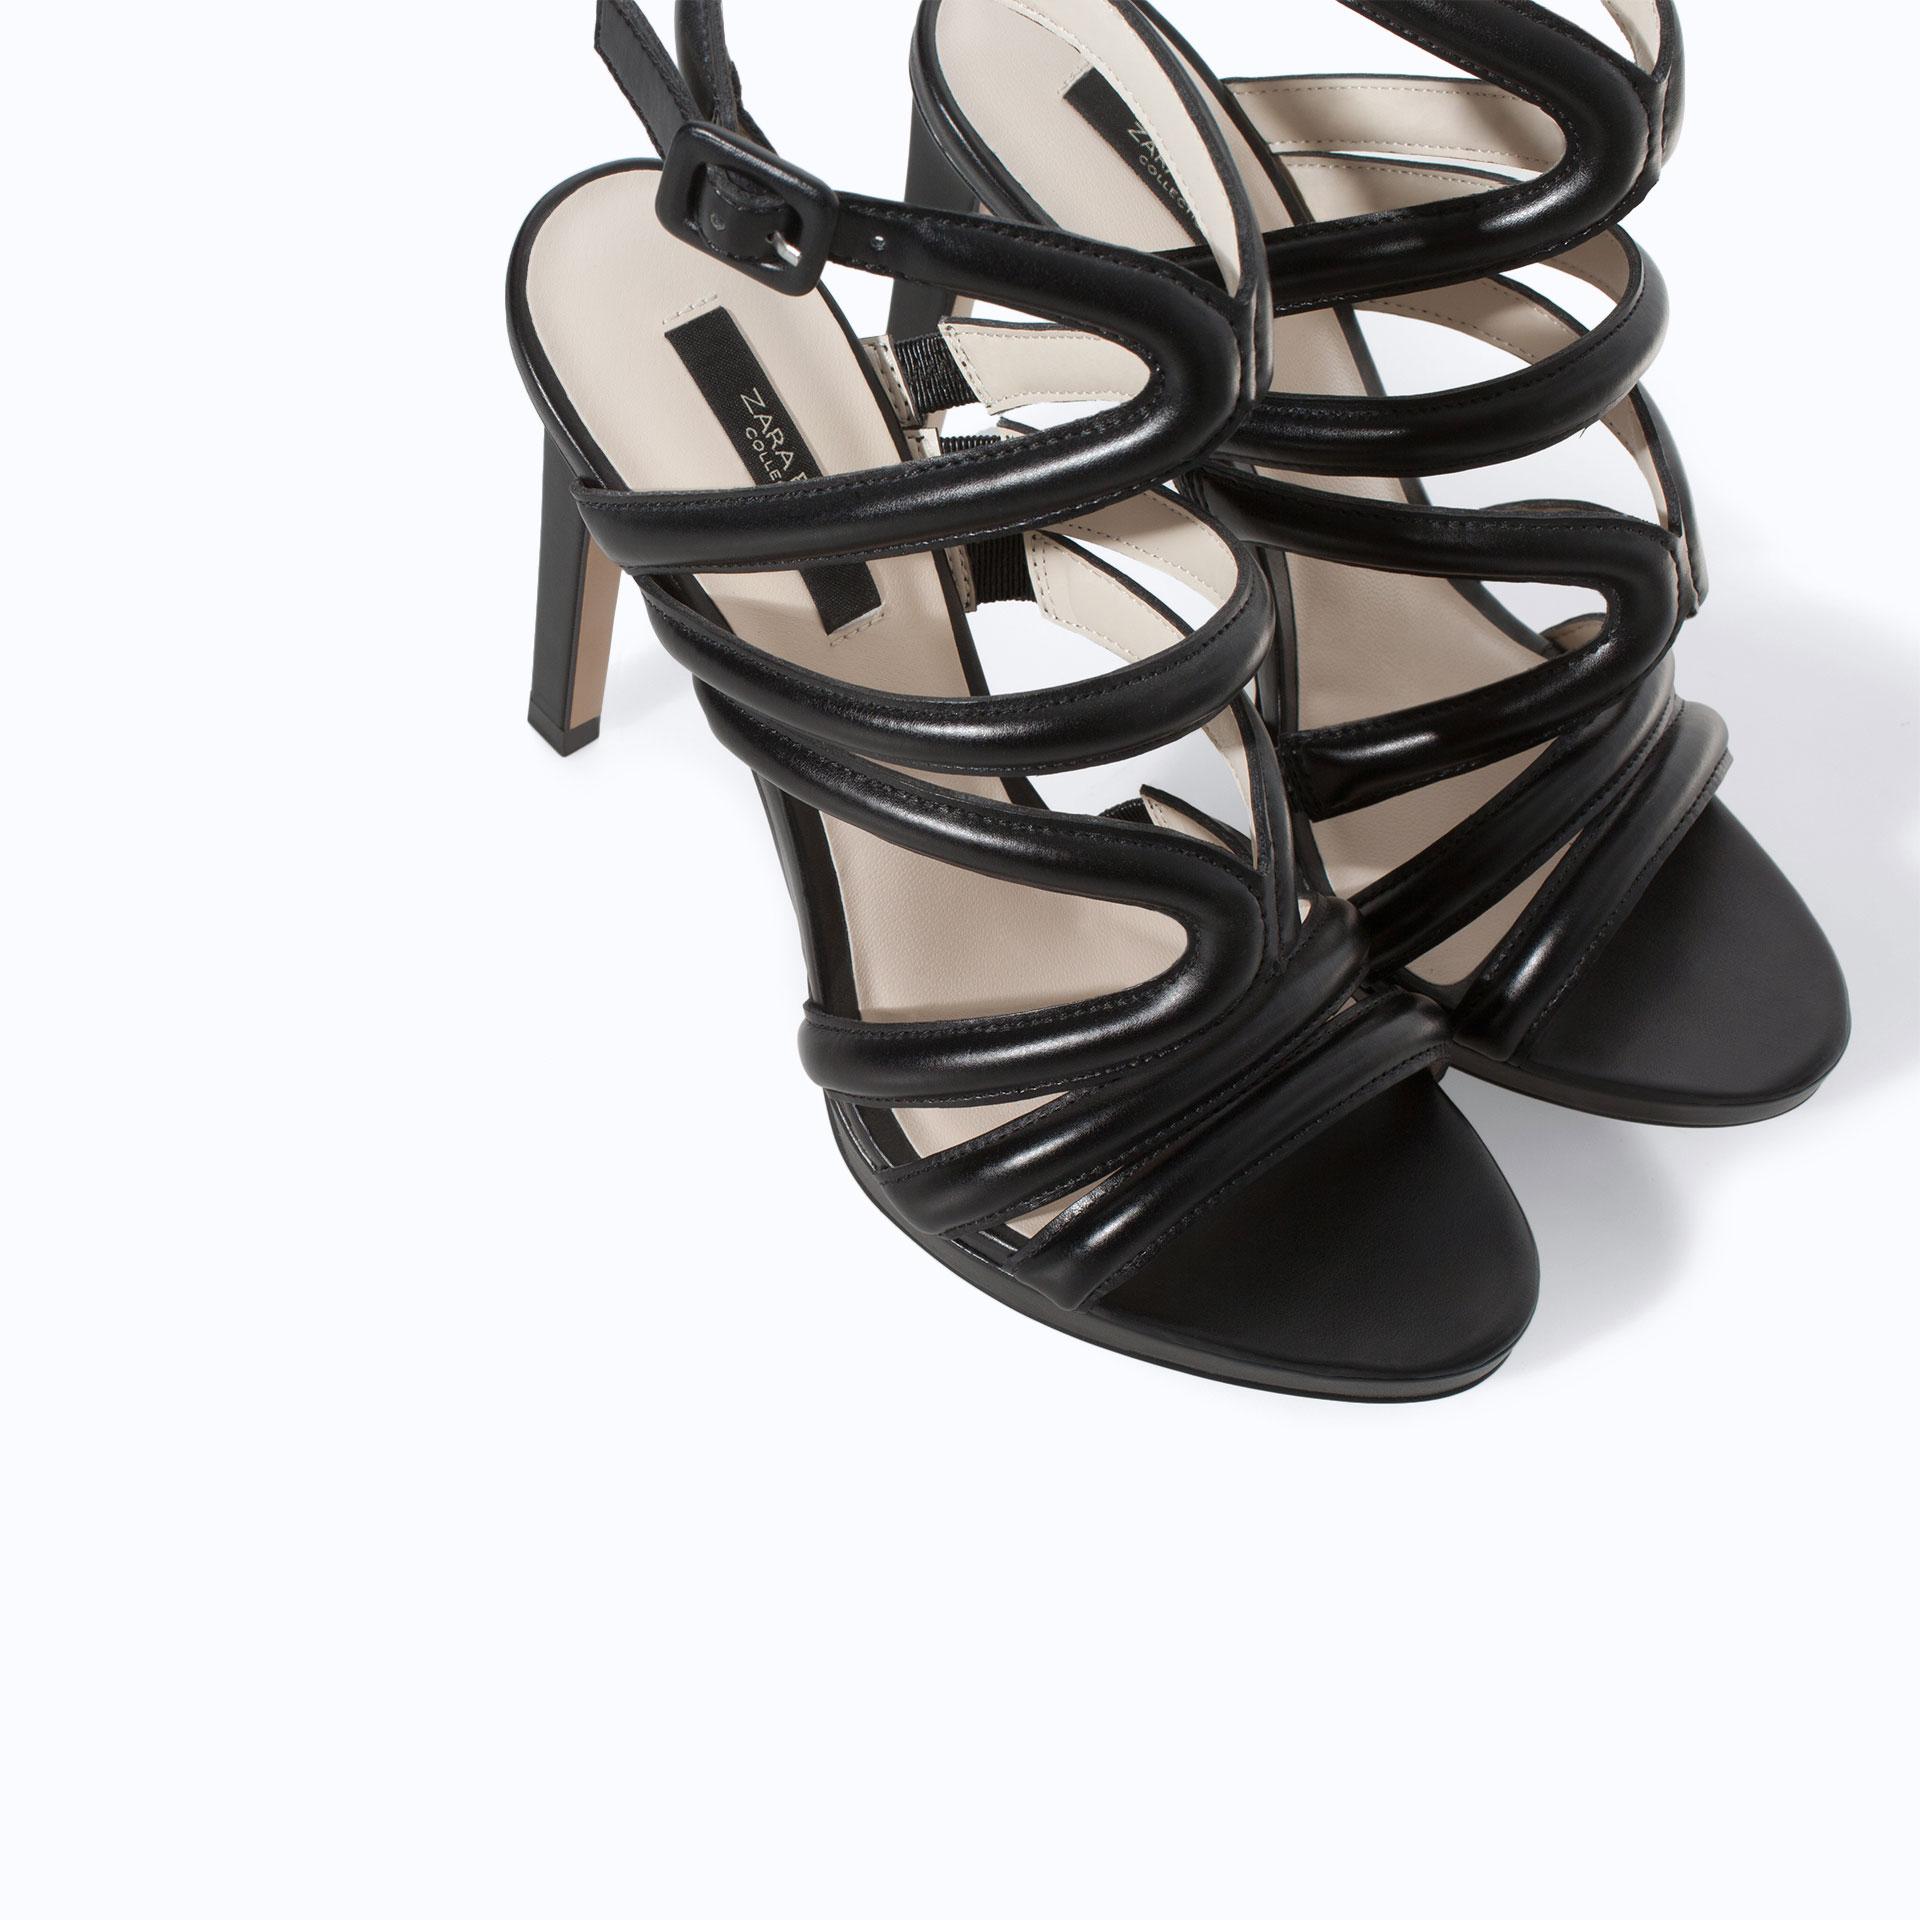 Zara Heeled Strappy Sandals in Black | Lyst